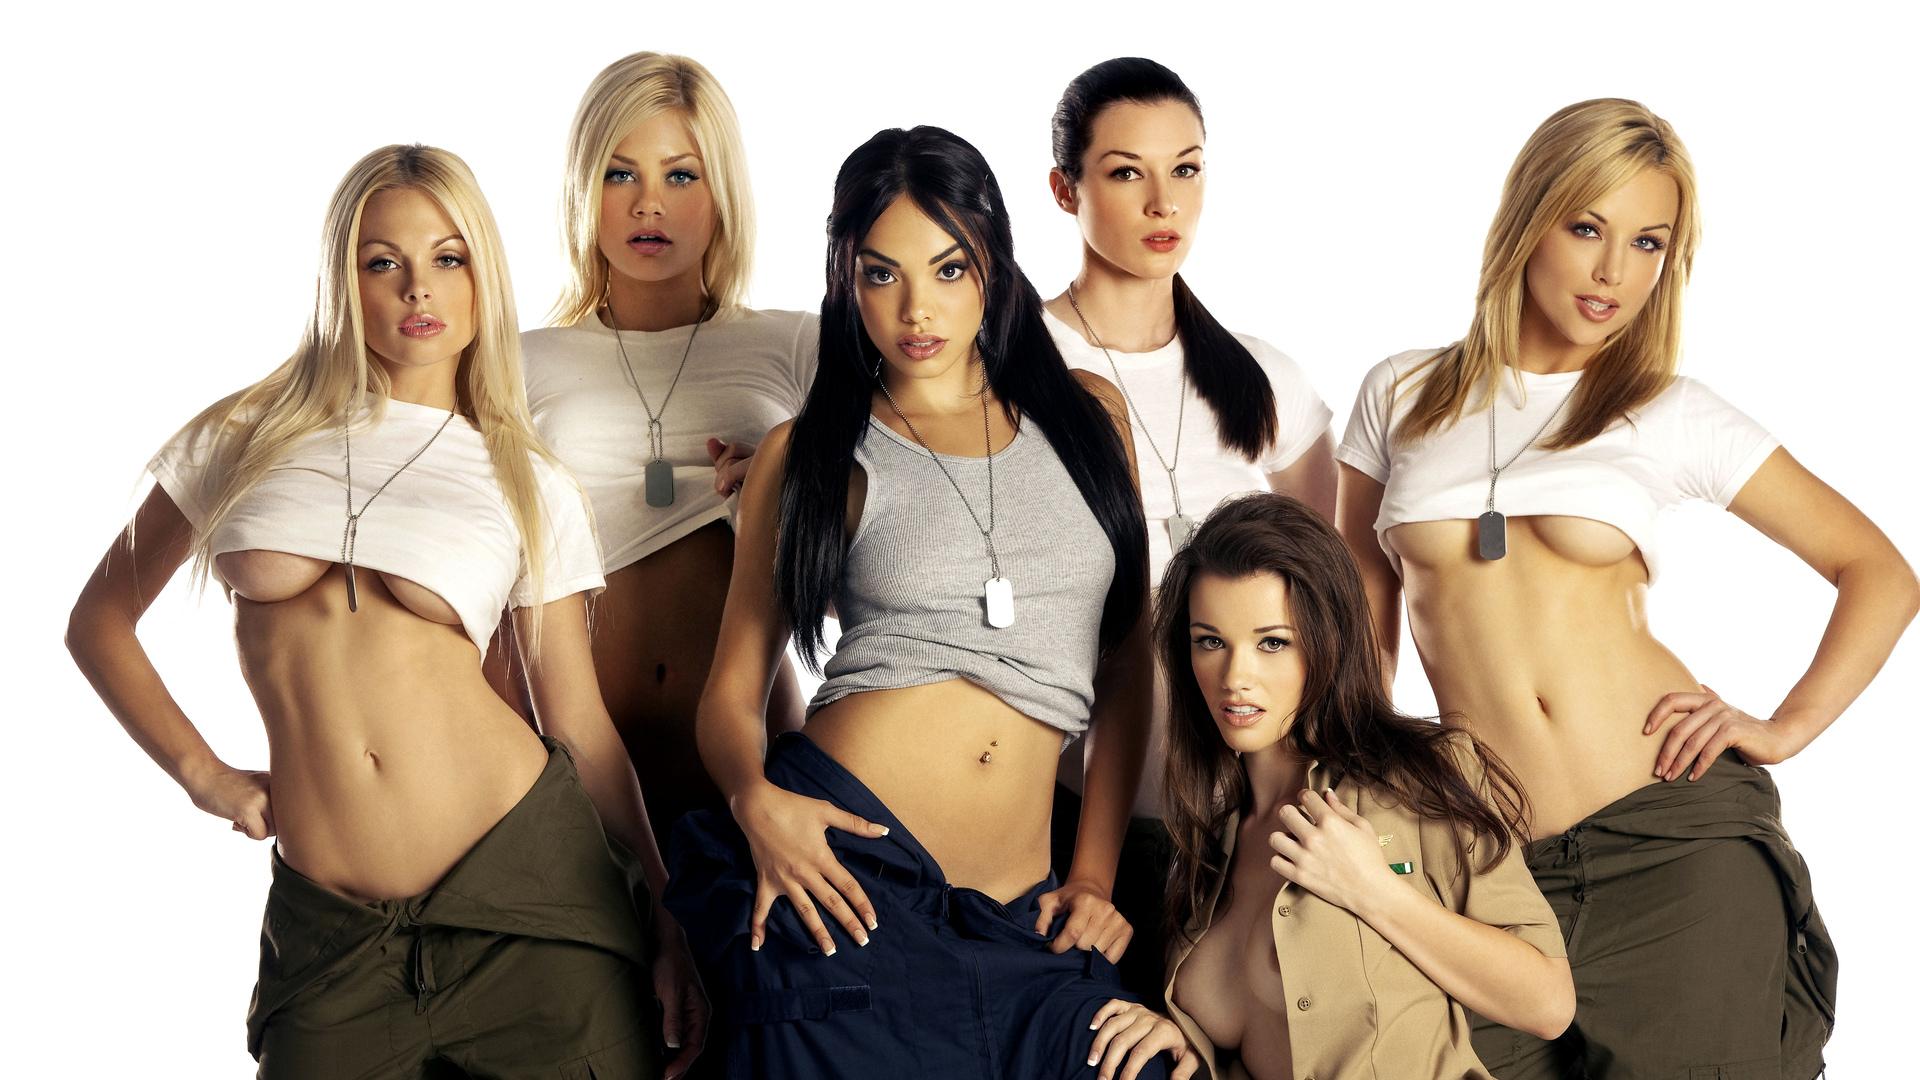 Секси подростки секс 20 фотография